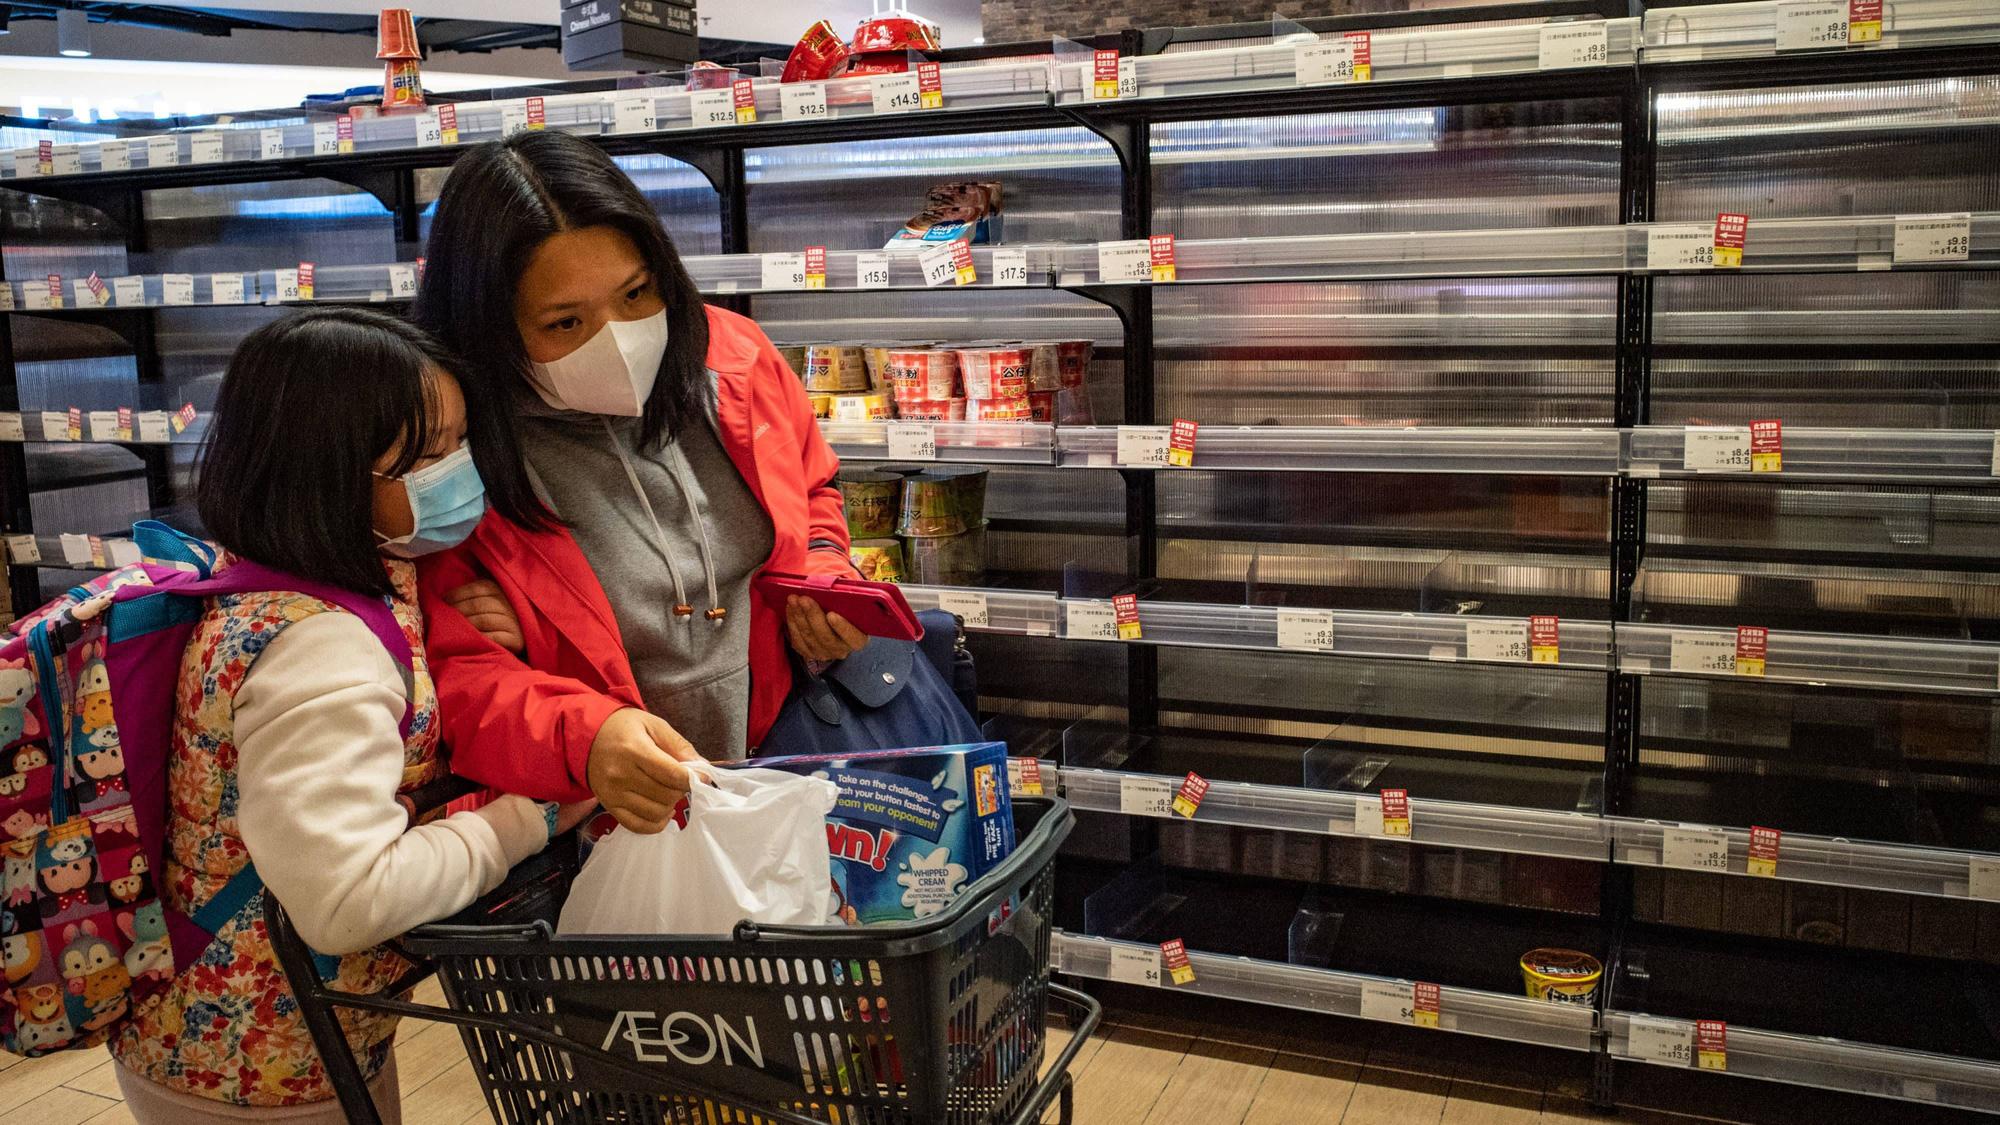 Cách các nước châu Á phản ứng trước việc người dân mua khẩu trang, thực phẩm, giấy vệ sinh trong cơn hoảng loạn giữa dịch Covid-19 - Ảnh 1.